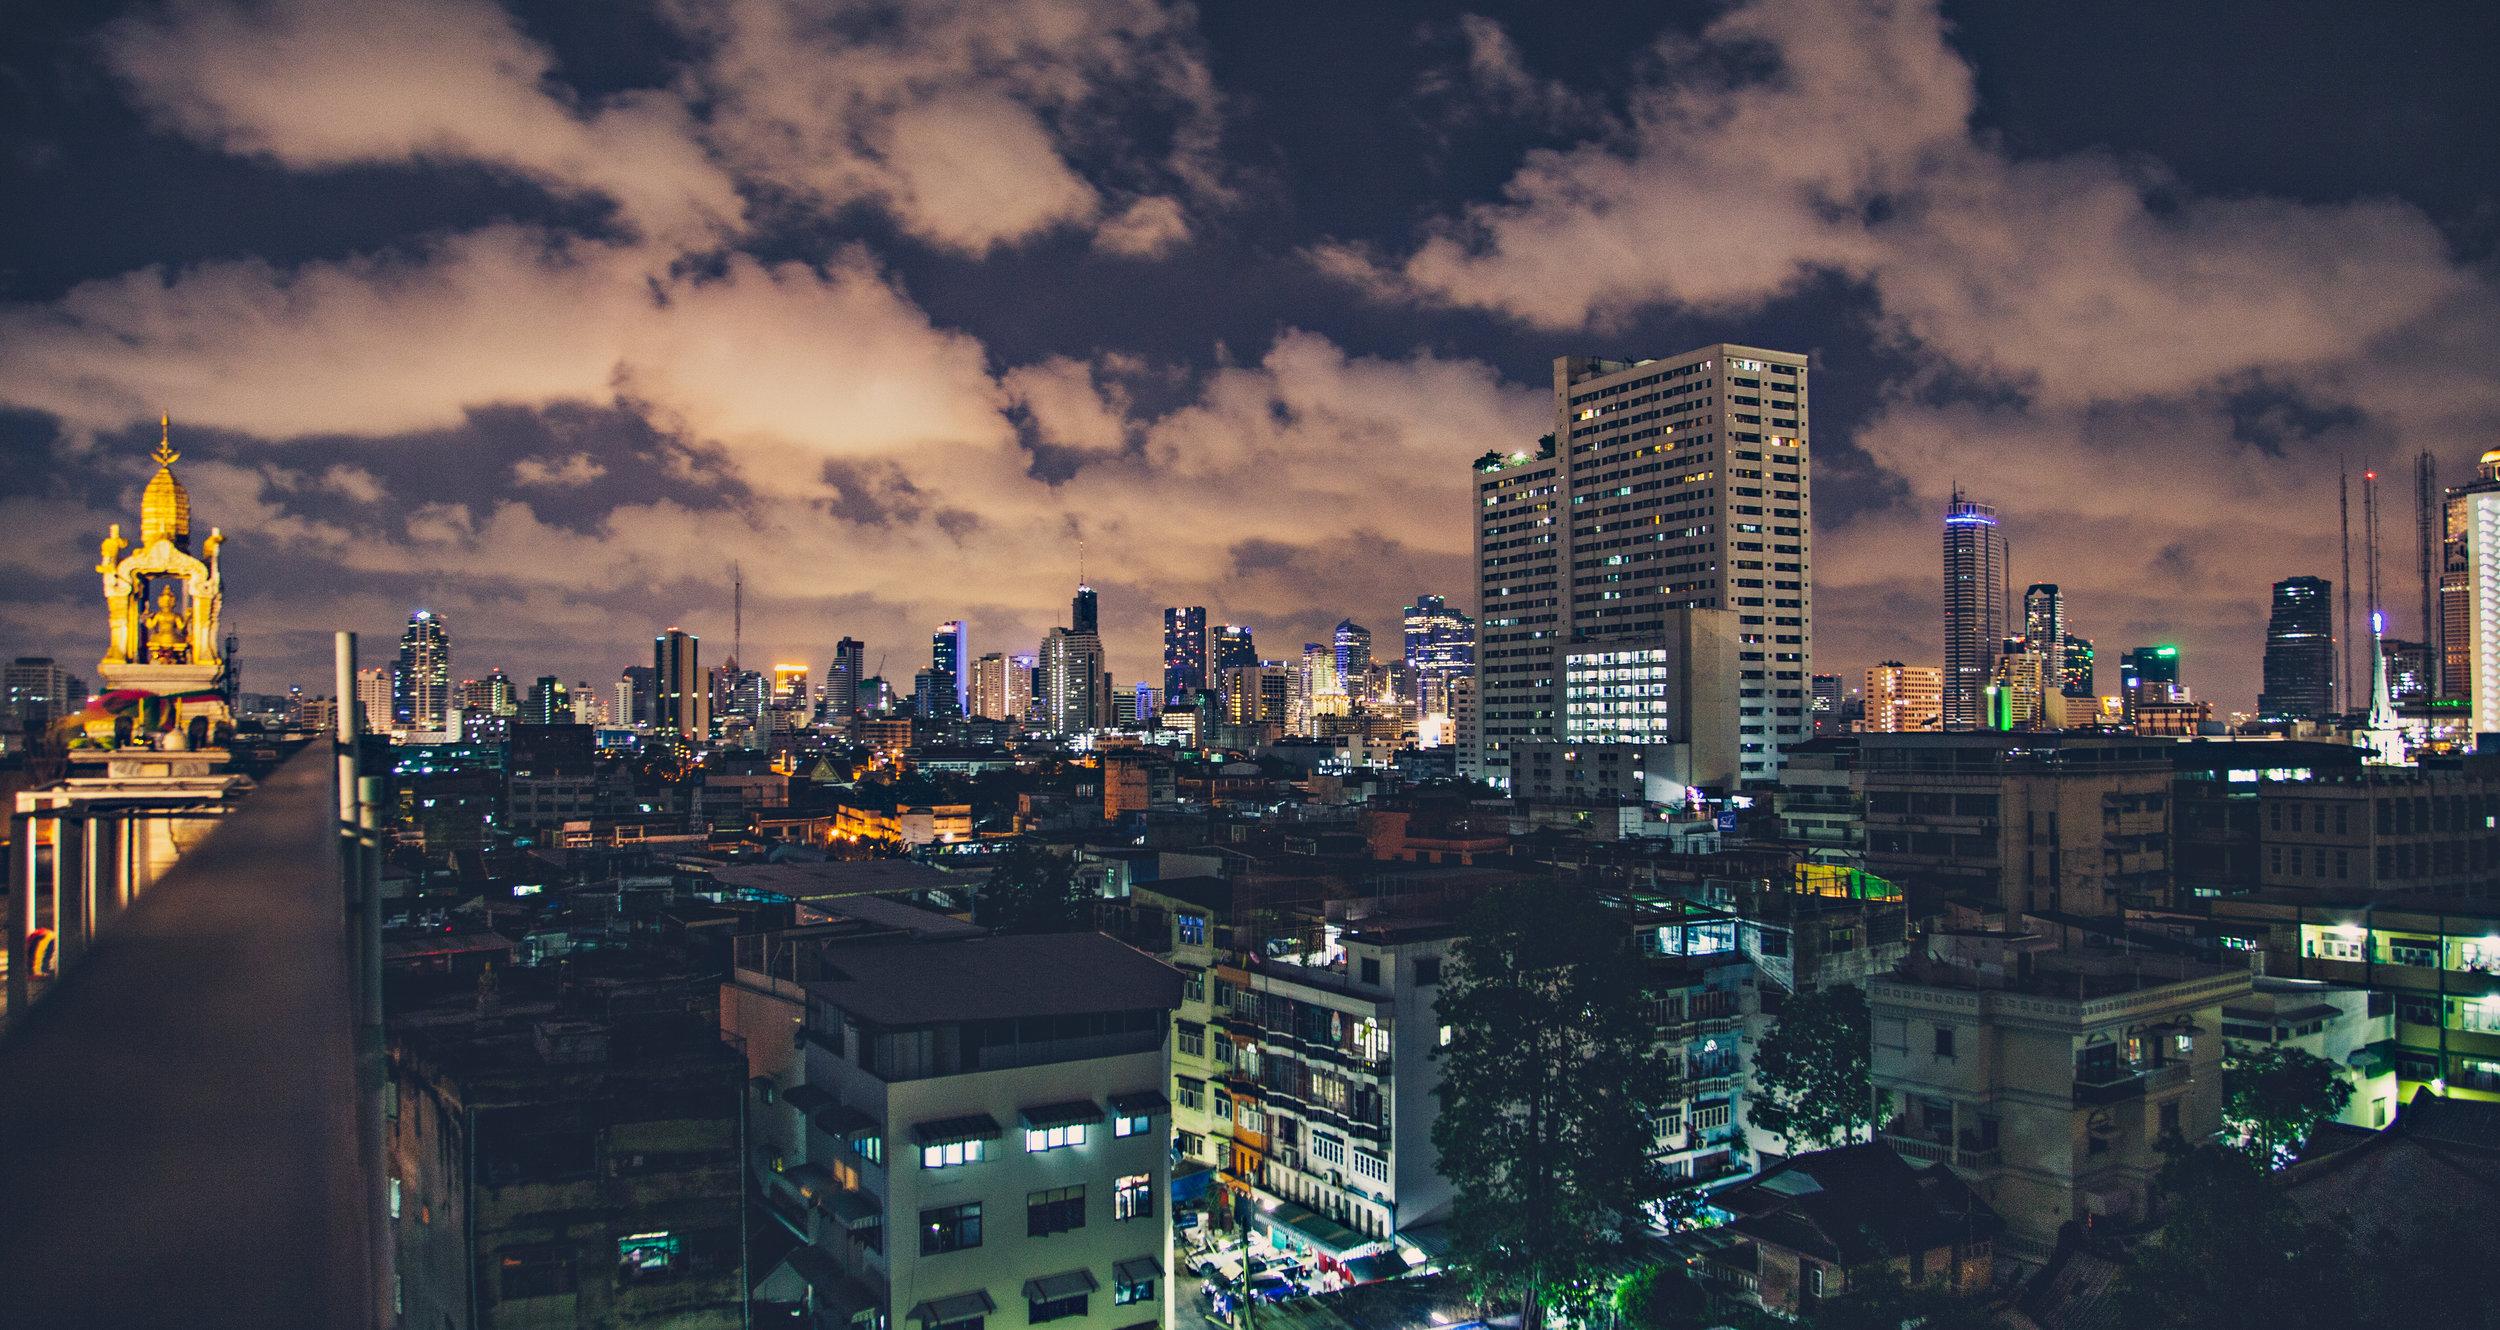 rooftop-view-1_full.jpg